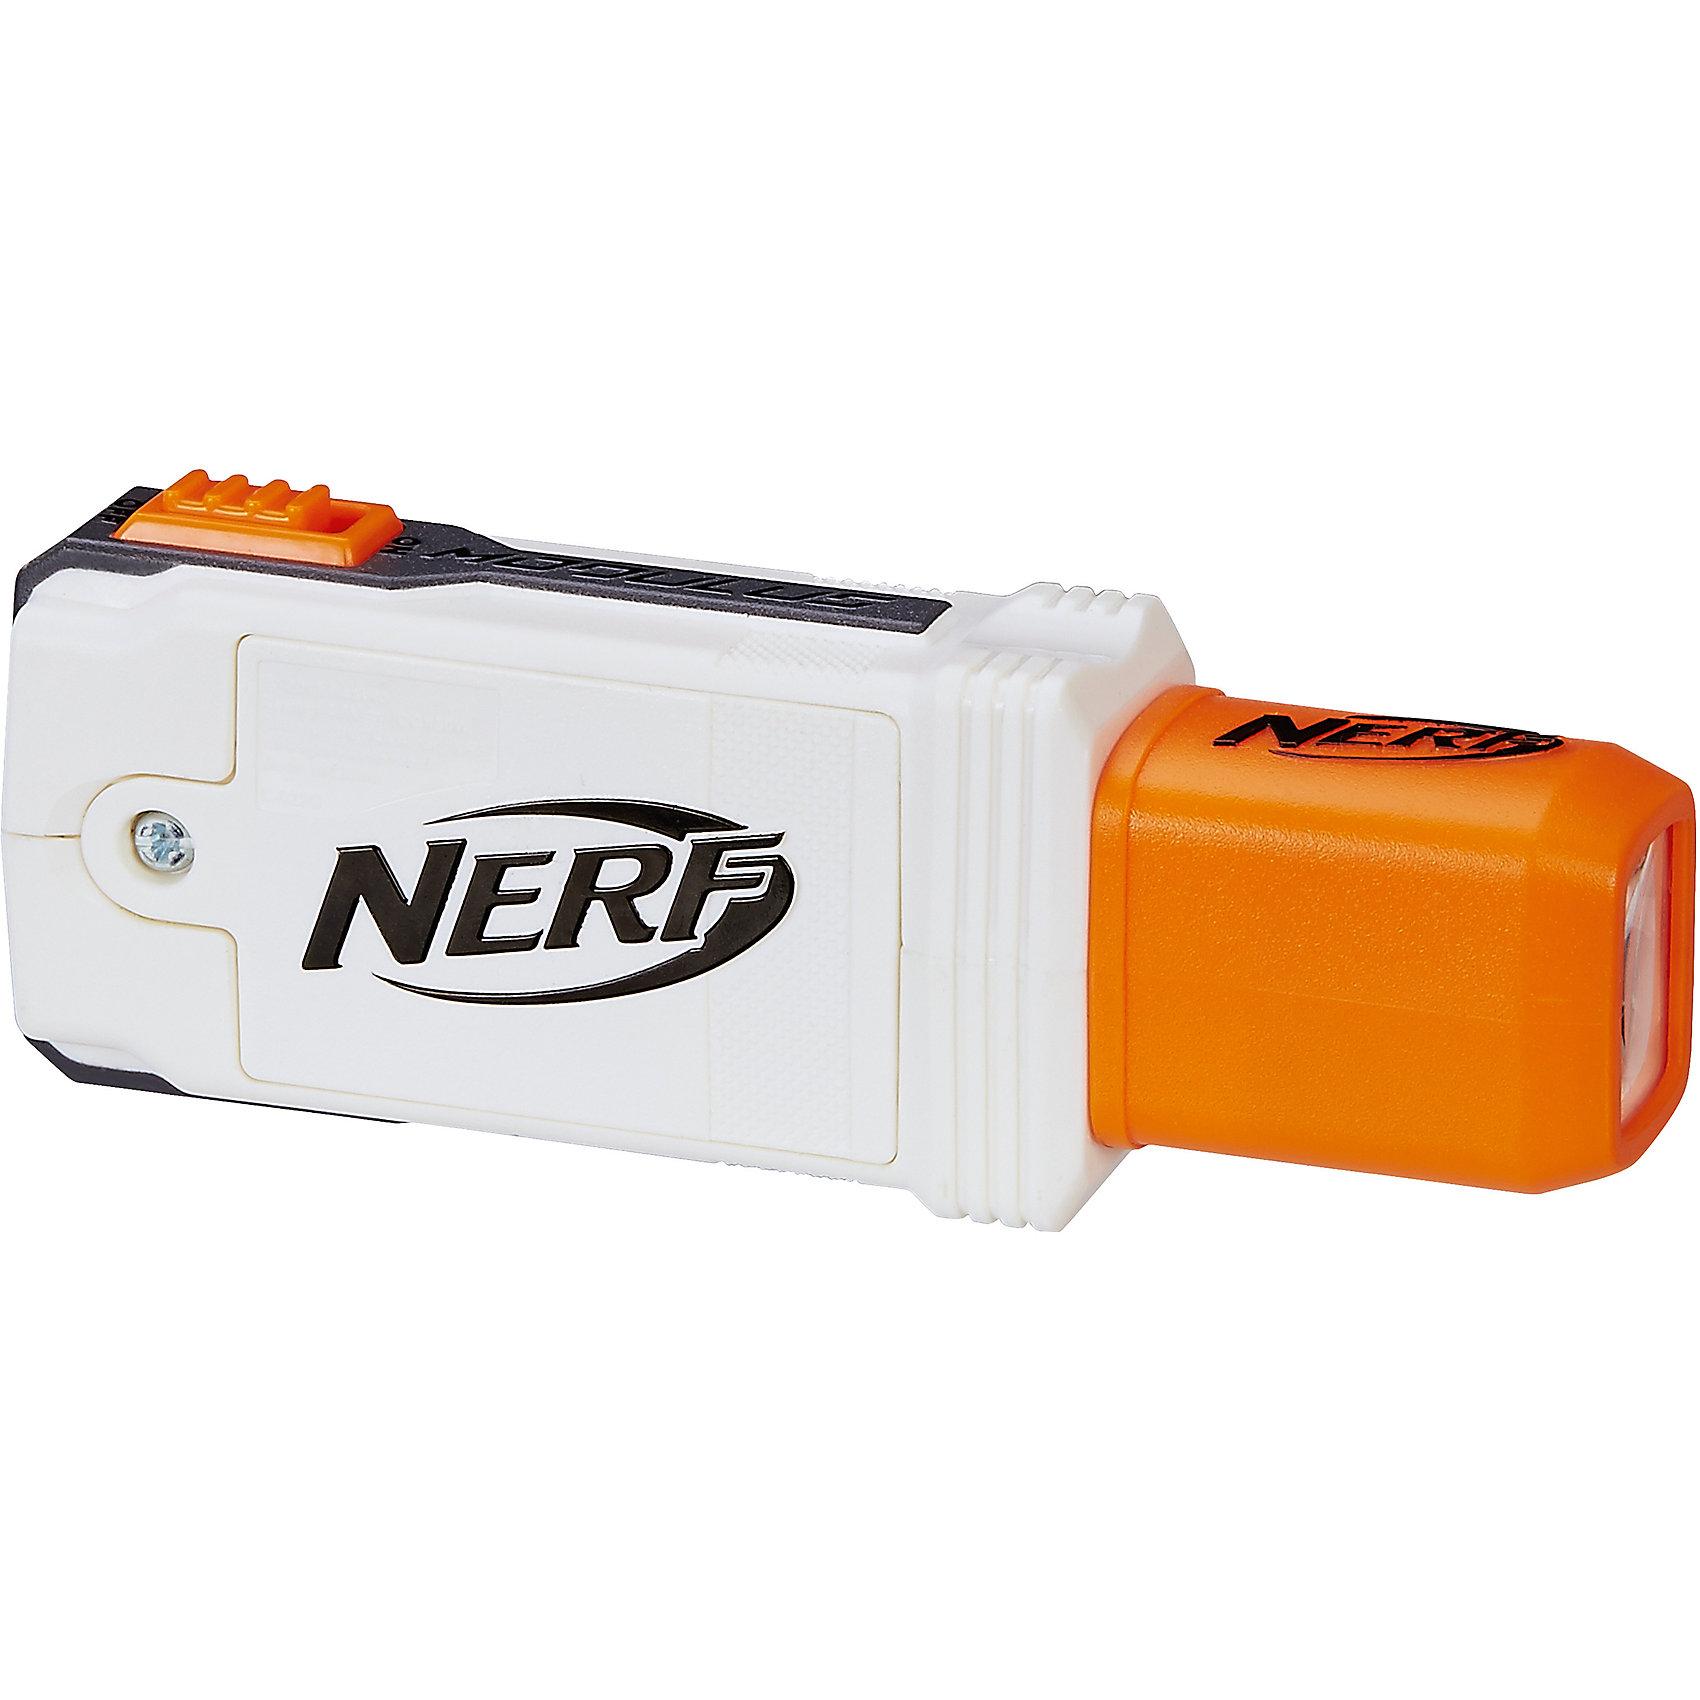 Акссесуар для бластера Модулус - Тактический фонарь, Nerf, B6321/B7171Бластеры, пистолеты и прочее<br>Характеристики товара:<br><br>• материал: пластик<br>• возраст: от 8 лет<br>• тип батареек: 3 x AAA / LR0.3 1.5 (мизинчиковые)<br>• наличие батареек: не входят в комплект<br>• размер игрушки: 13x5x3 см<br>• вес: 160 г<br>• размер упаковки: 18x5x23 см<br>• страна бренда: США<br>• страна производства: Китай<br><br>С таким аксессуаром легче будет найти свою цель в сумерках и в темноте. Тактический фонарь легко крепится на специальной рейке бластера и так же легко отсоединяется.<br><br>Аксессуары, NERF Modulus, от известного бренда Hasbro можно купить в нашем интернет-магазине.<br><br>Ширина мм: 236<br>Глубина мм: 182<br>Высота мм: 48<br>Вес г: 165<br>Возраст от месяцев: 96<br>Возраст до месяцев: 156<br>Пол: Унисекс<br>Возраст: Детский<br>SKU: 5473697